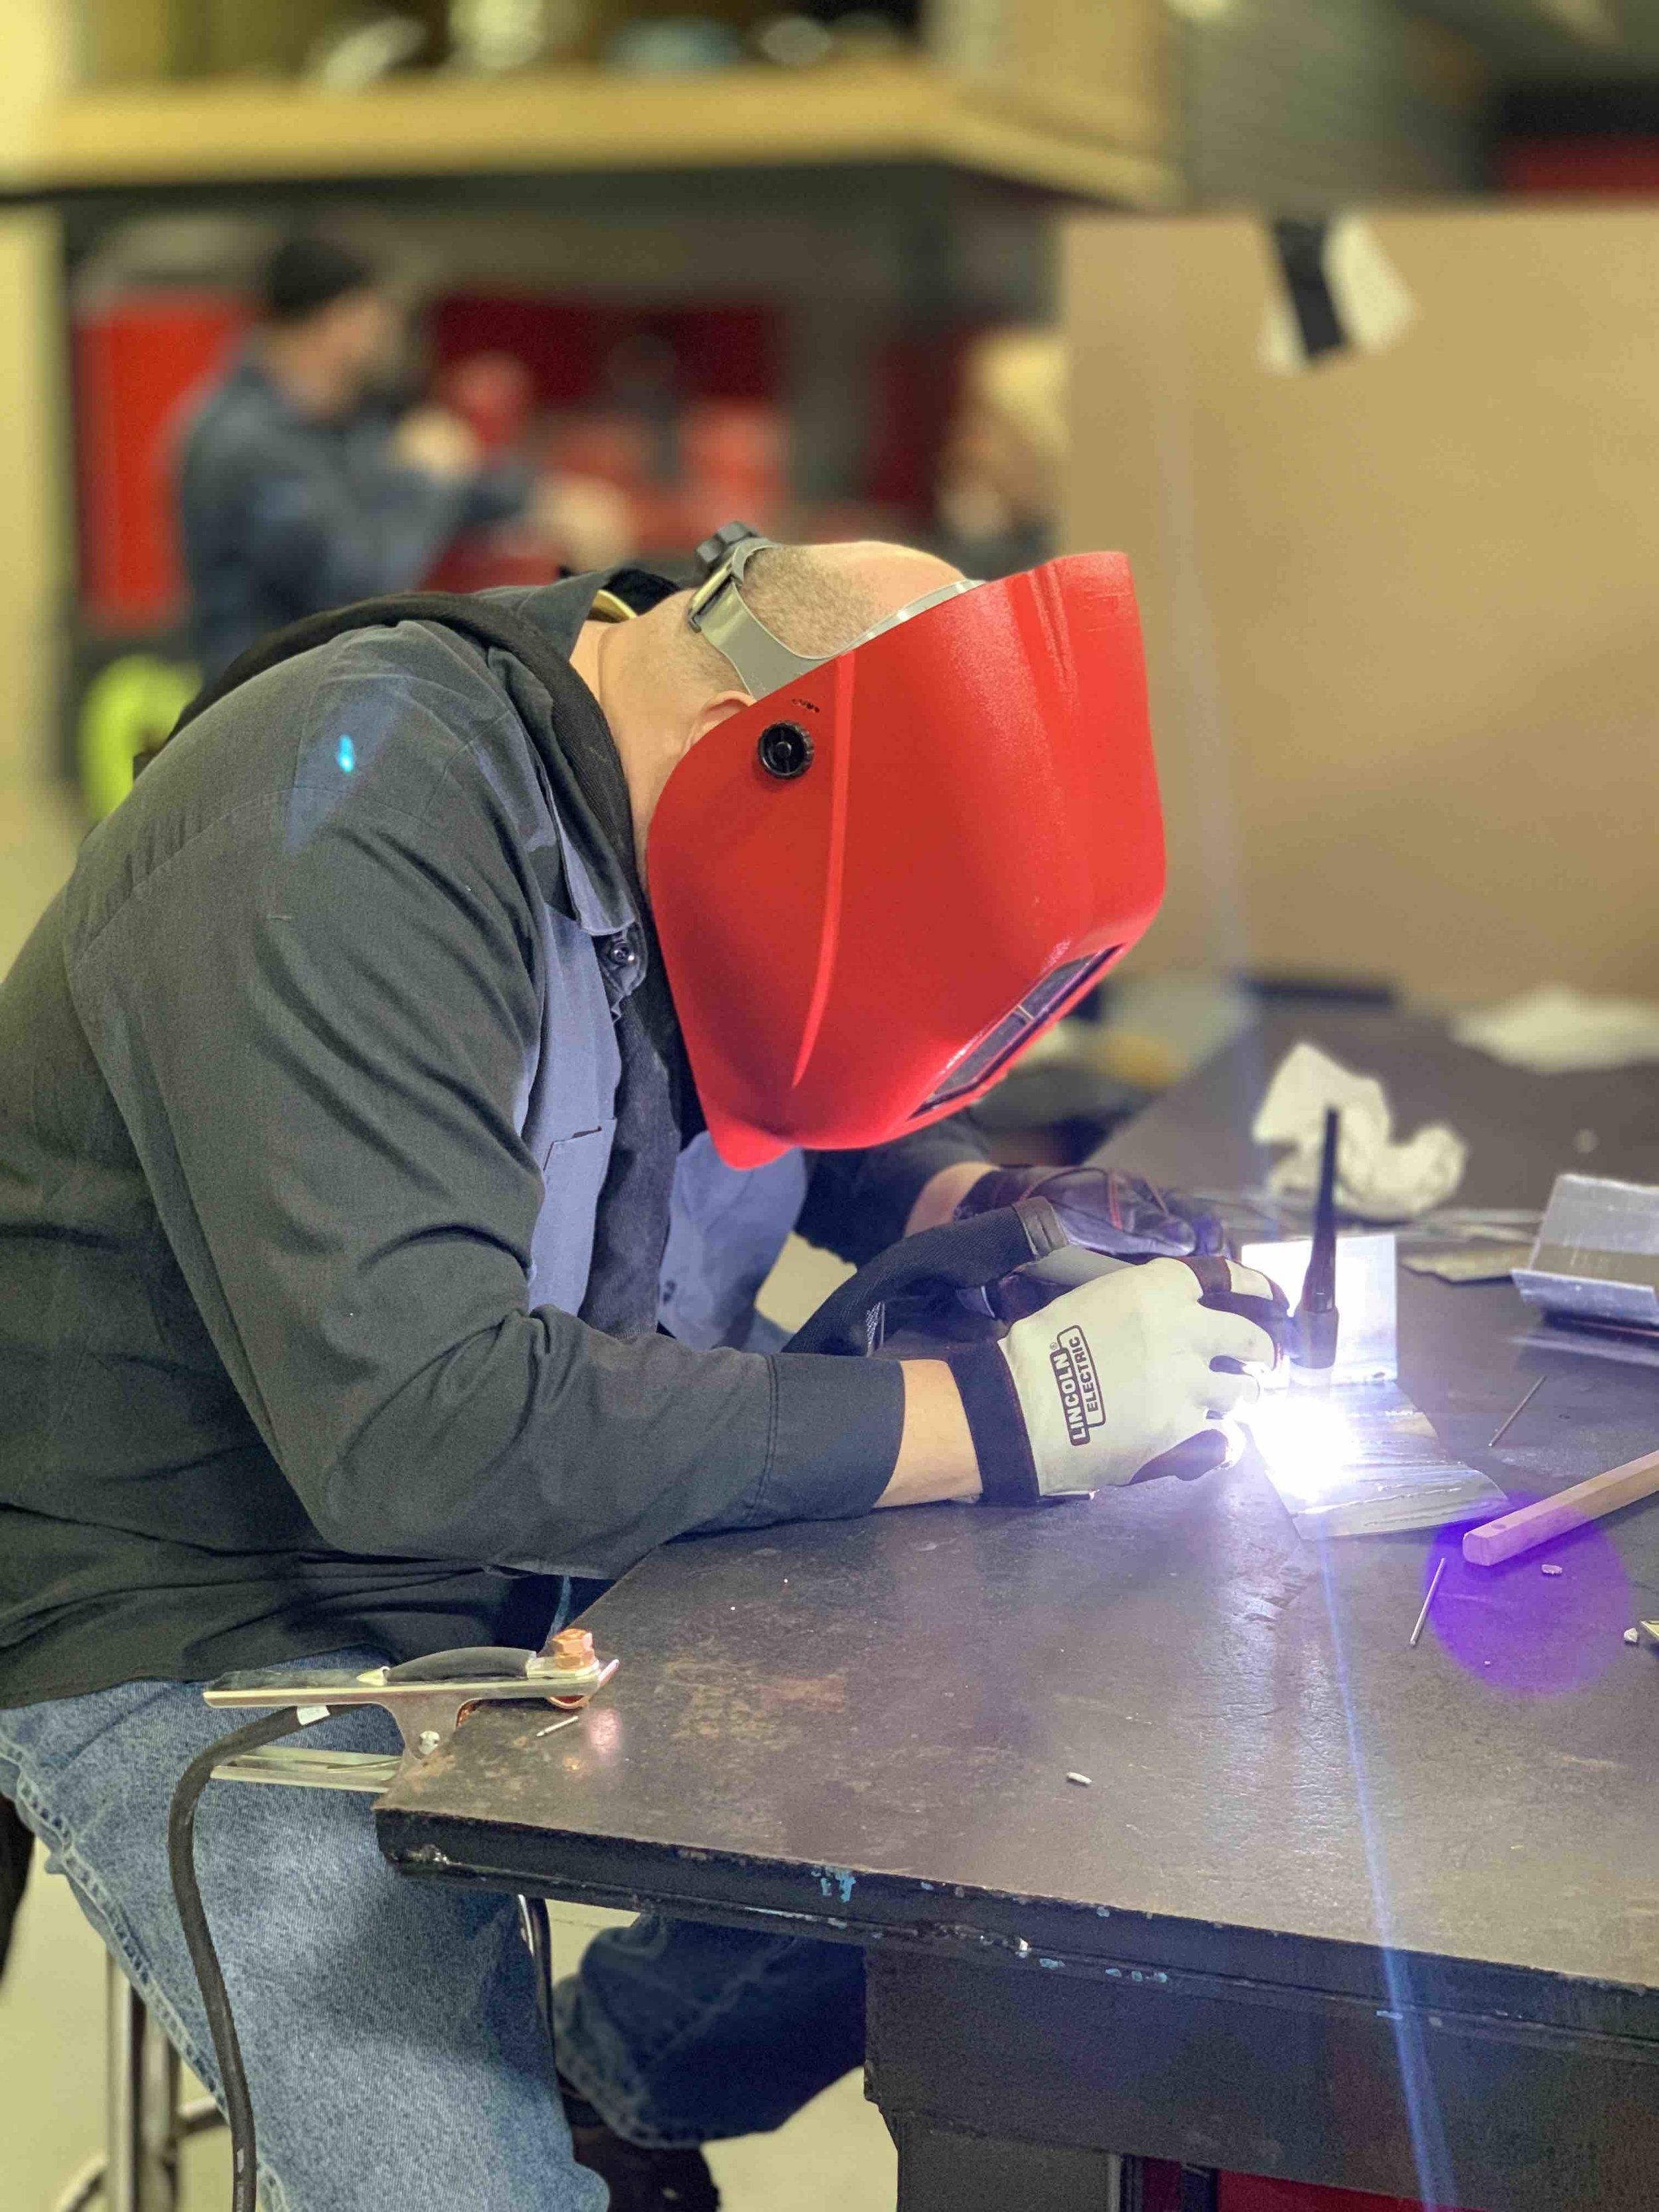 Fuller-Moto-Welding-Workshop-Jan2019-22.jpg